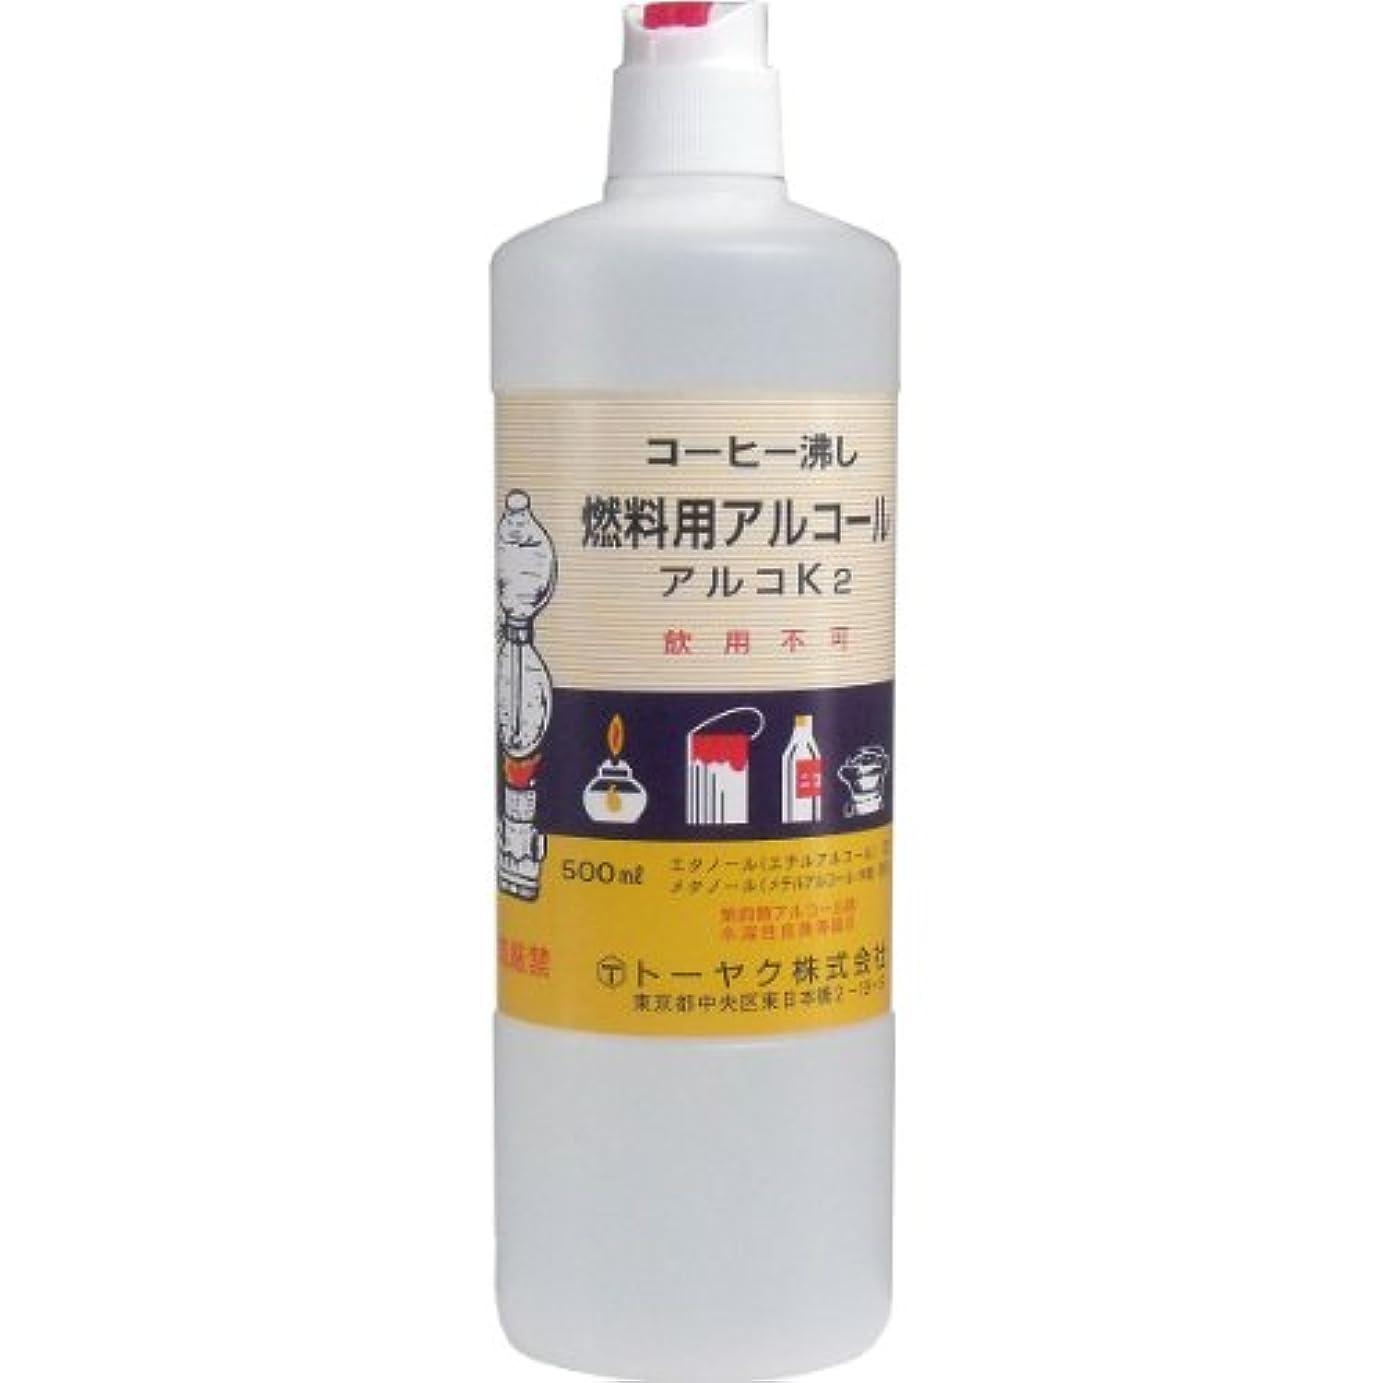 複製秀でるすり減る燃料用アルコール アルコK2 ×3個セット